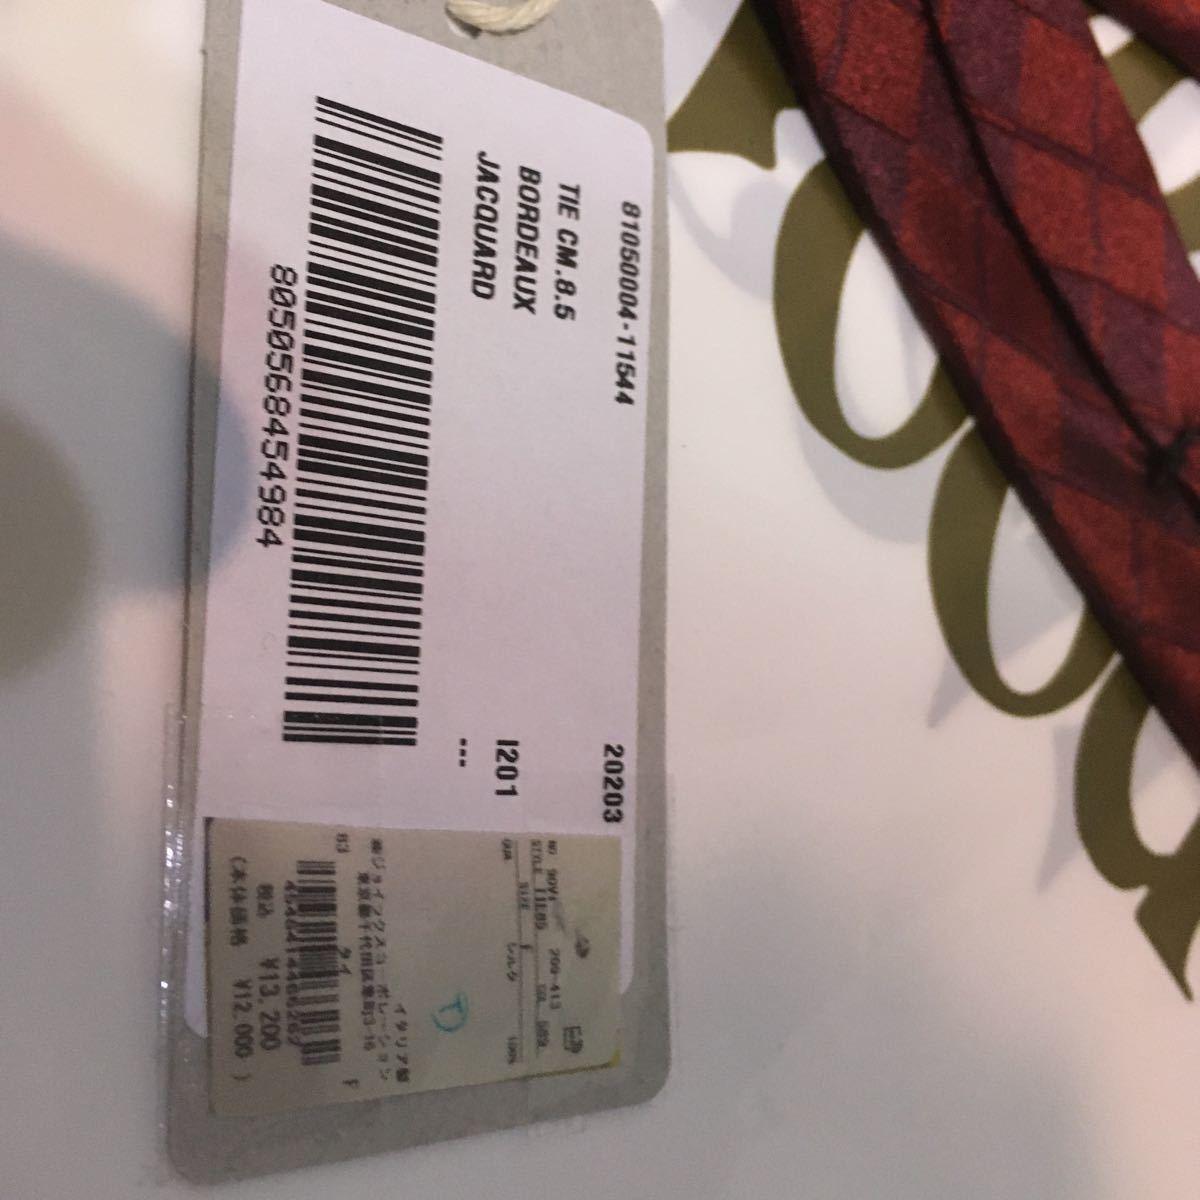 ●新品●送料込/13200円 Vivienne Westwood ネクタイ 赤×ワイン ダイヤ柄 シルク100% ヴィヴィアンウエストウッド ビビアン イタリア製_画像8